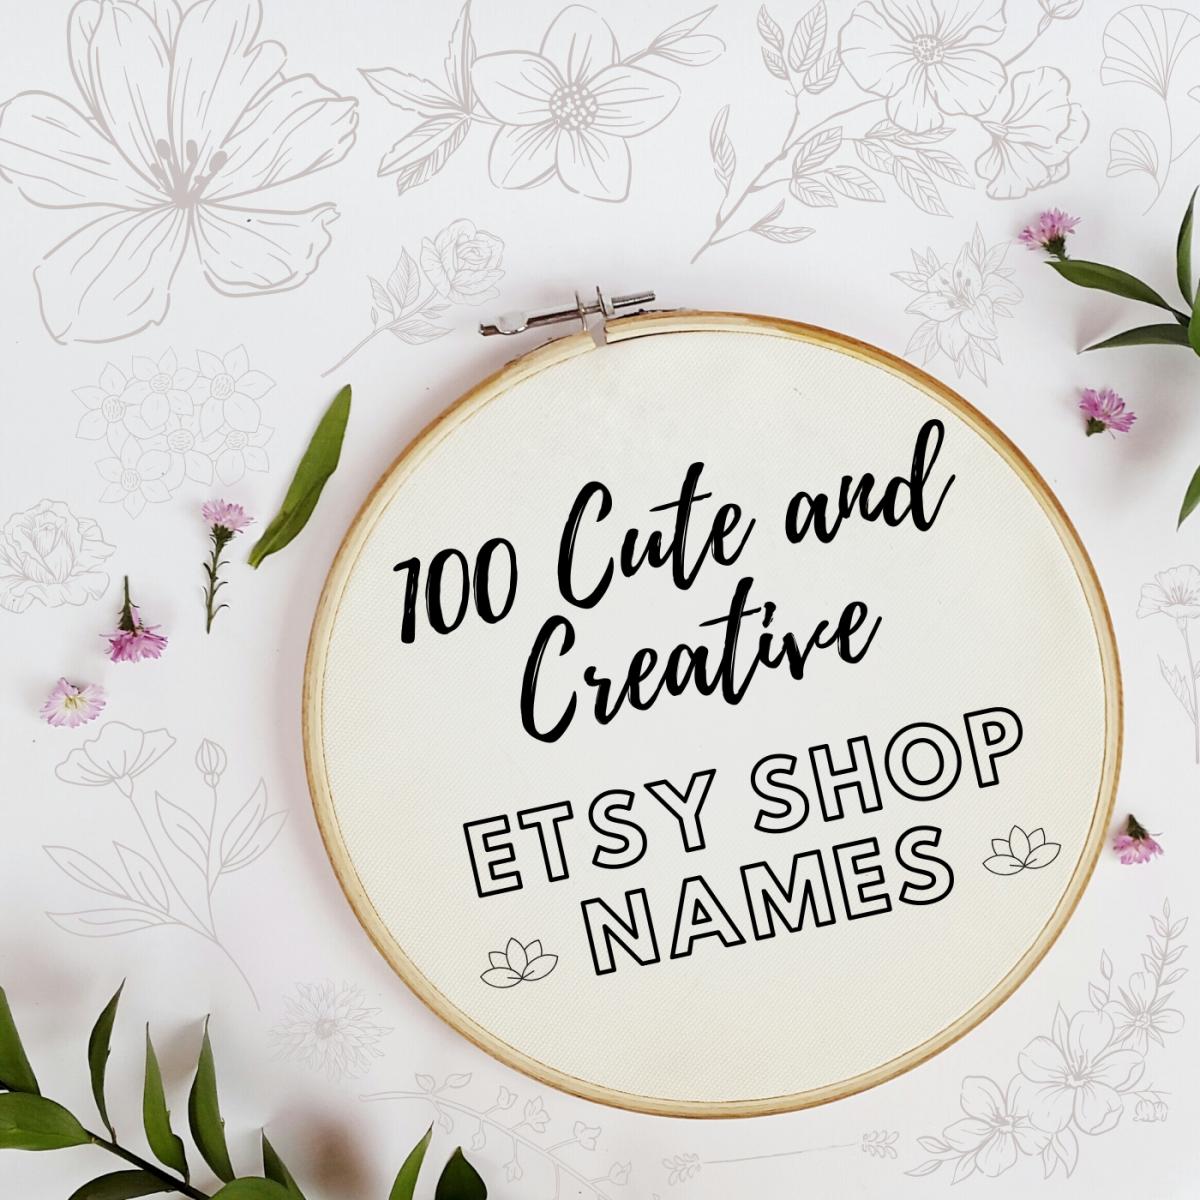 准备开始自己的Etsy商店并在线销售您的工艺品?你需要的第一件事是一个可爱的,吸引人,难忘的名字。